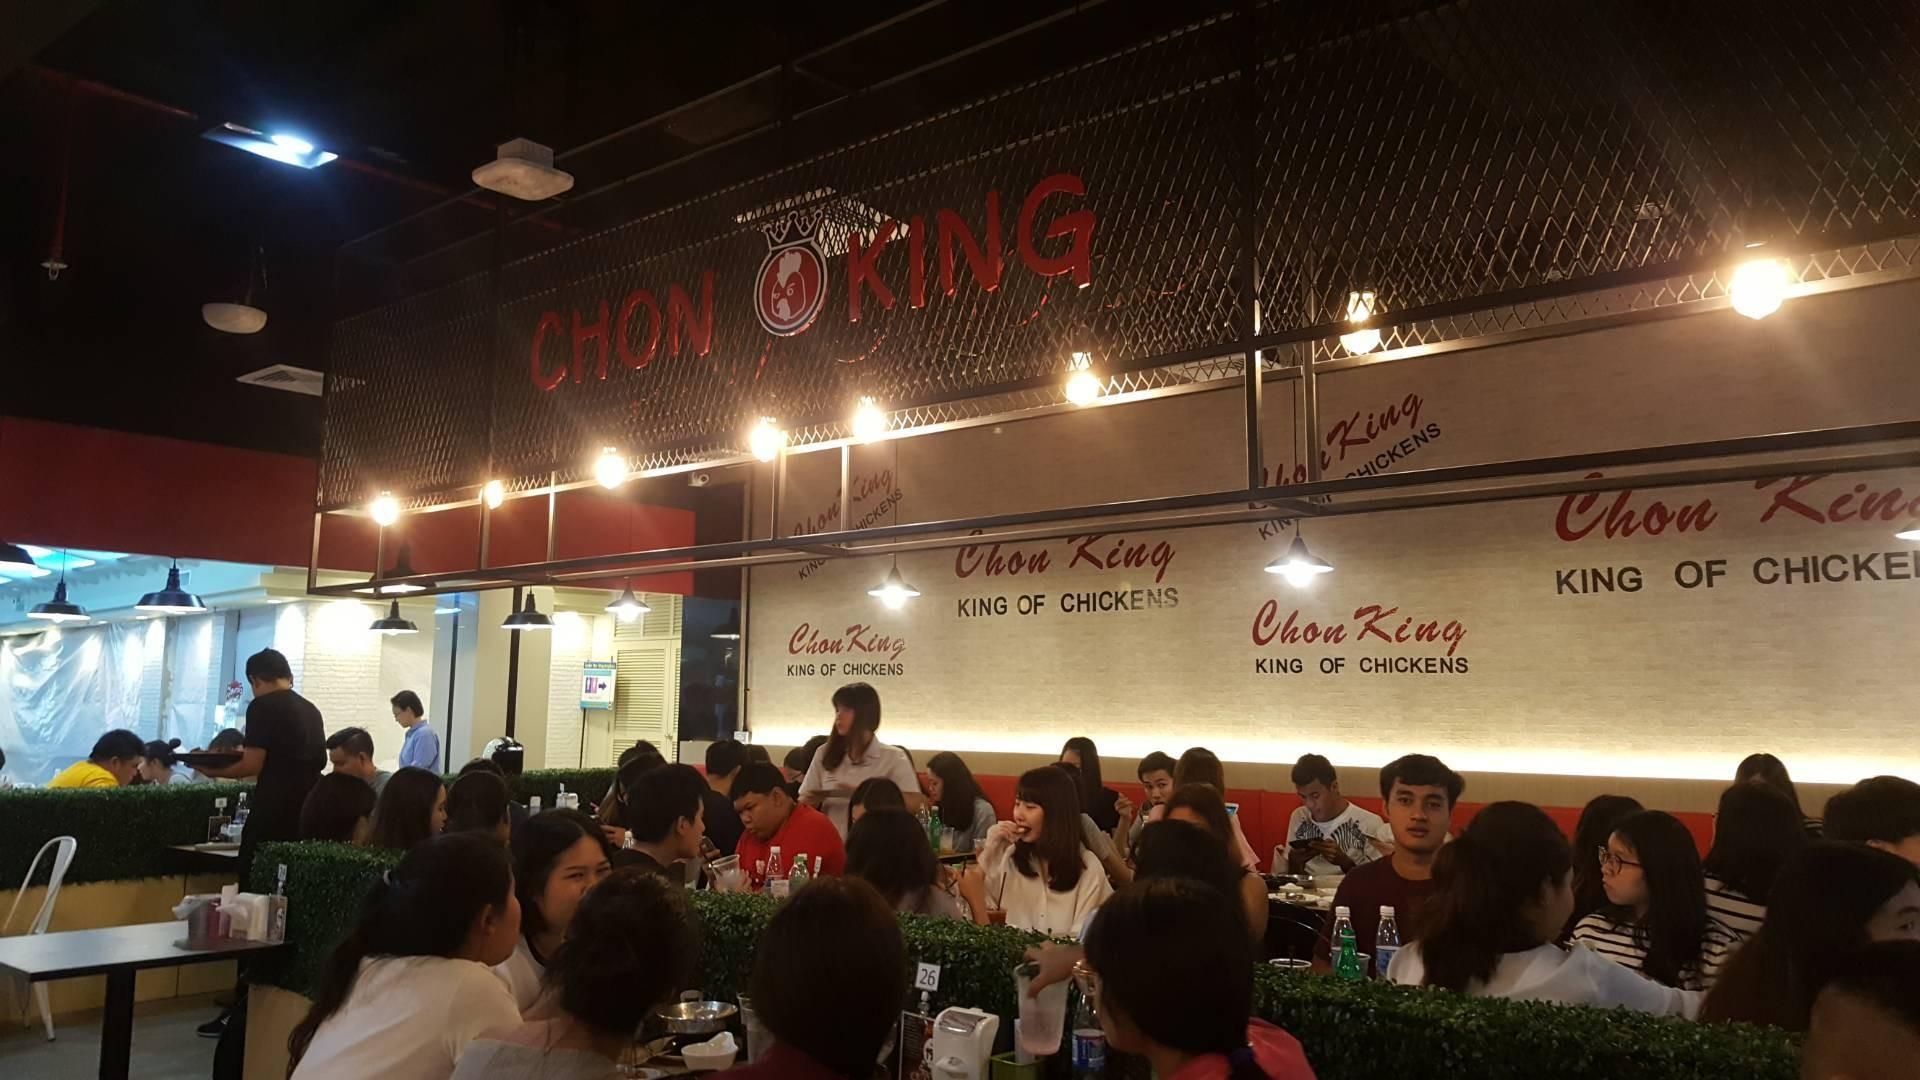 Chon King